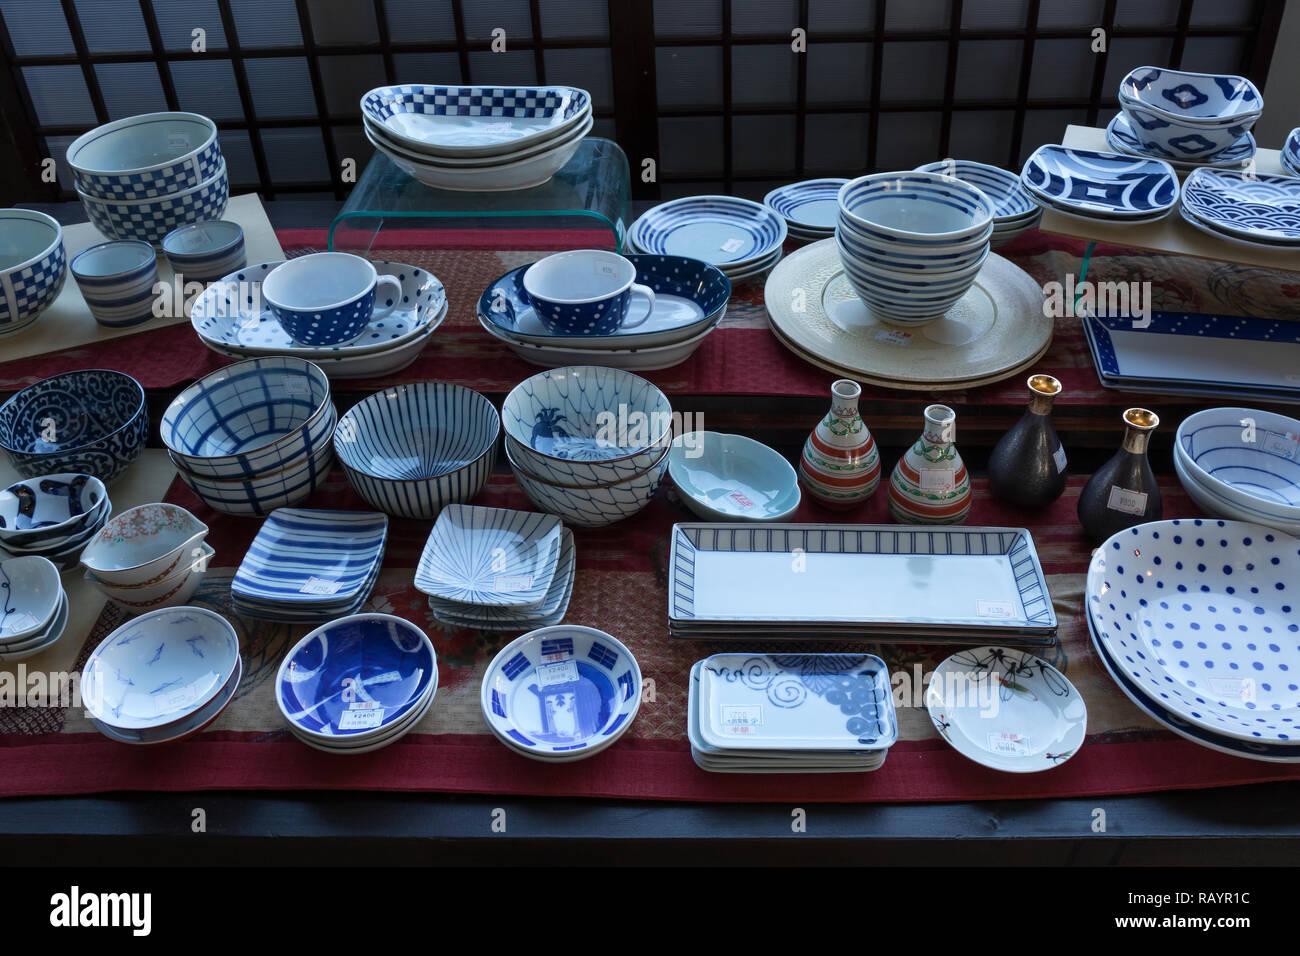 Arita Japan 30 Oktober 2018 Schaufenster Mit Arita Ware Japanisches Porzellan In Der Gegend Um Die Stadt Arita Stockfotografie Alamy